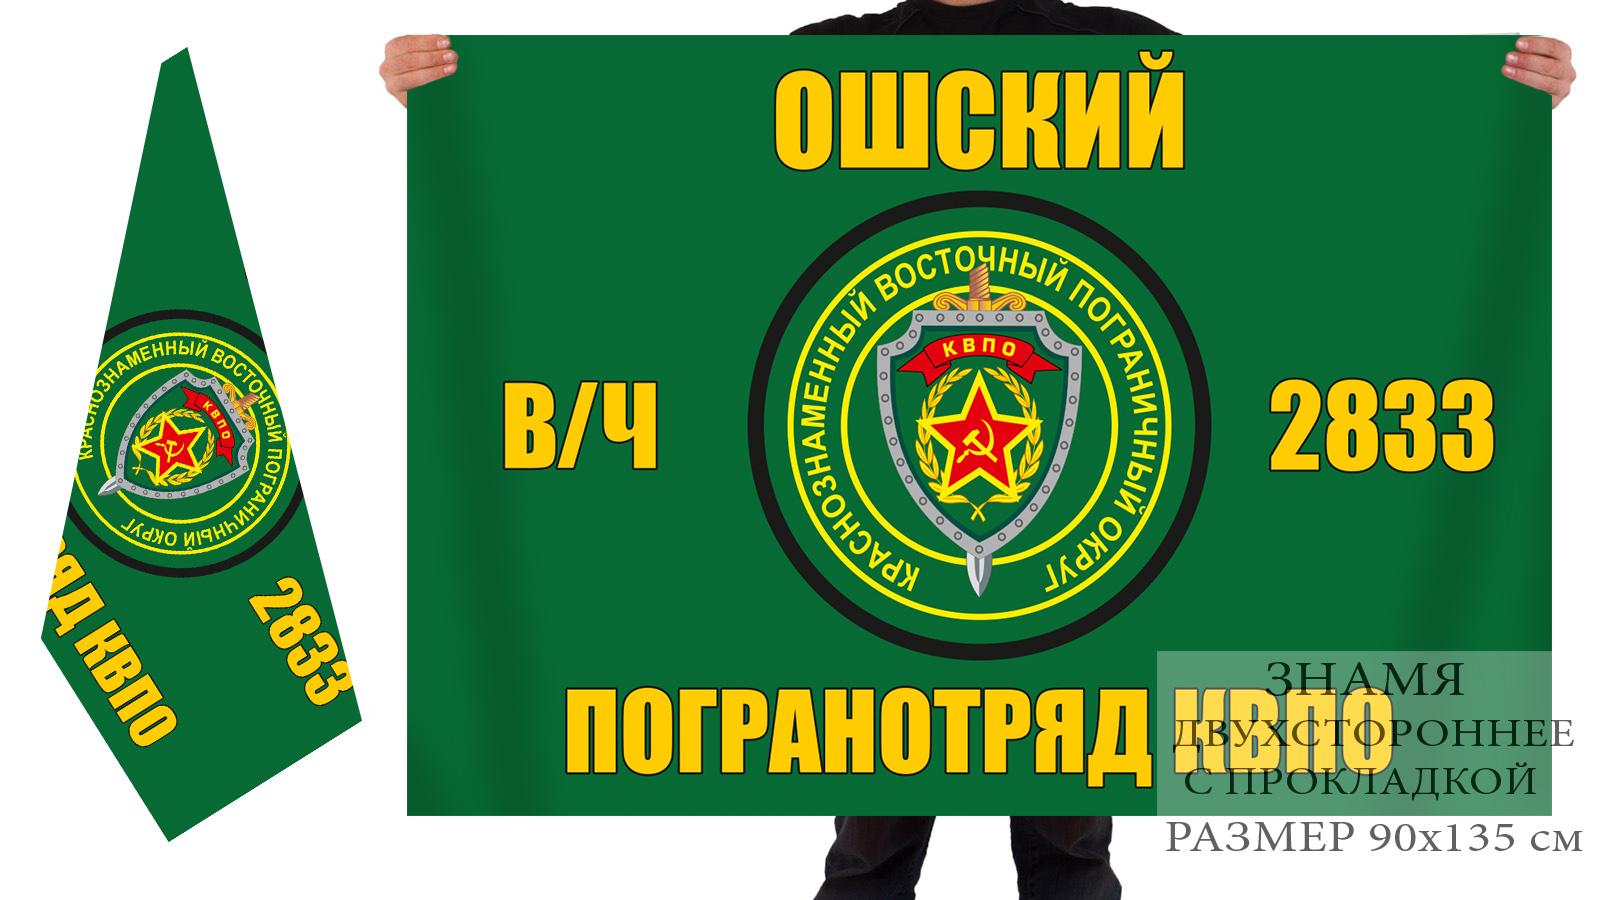 Купить с доставкой флаг Ошский Погранотряд в/ч 2833